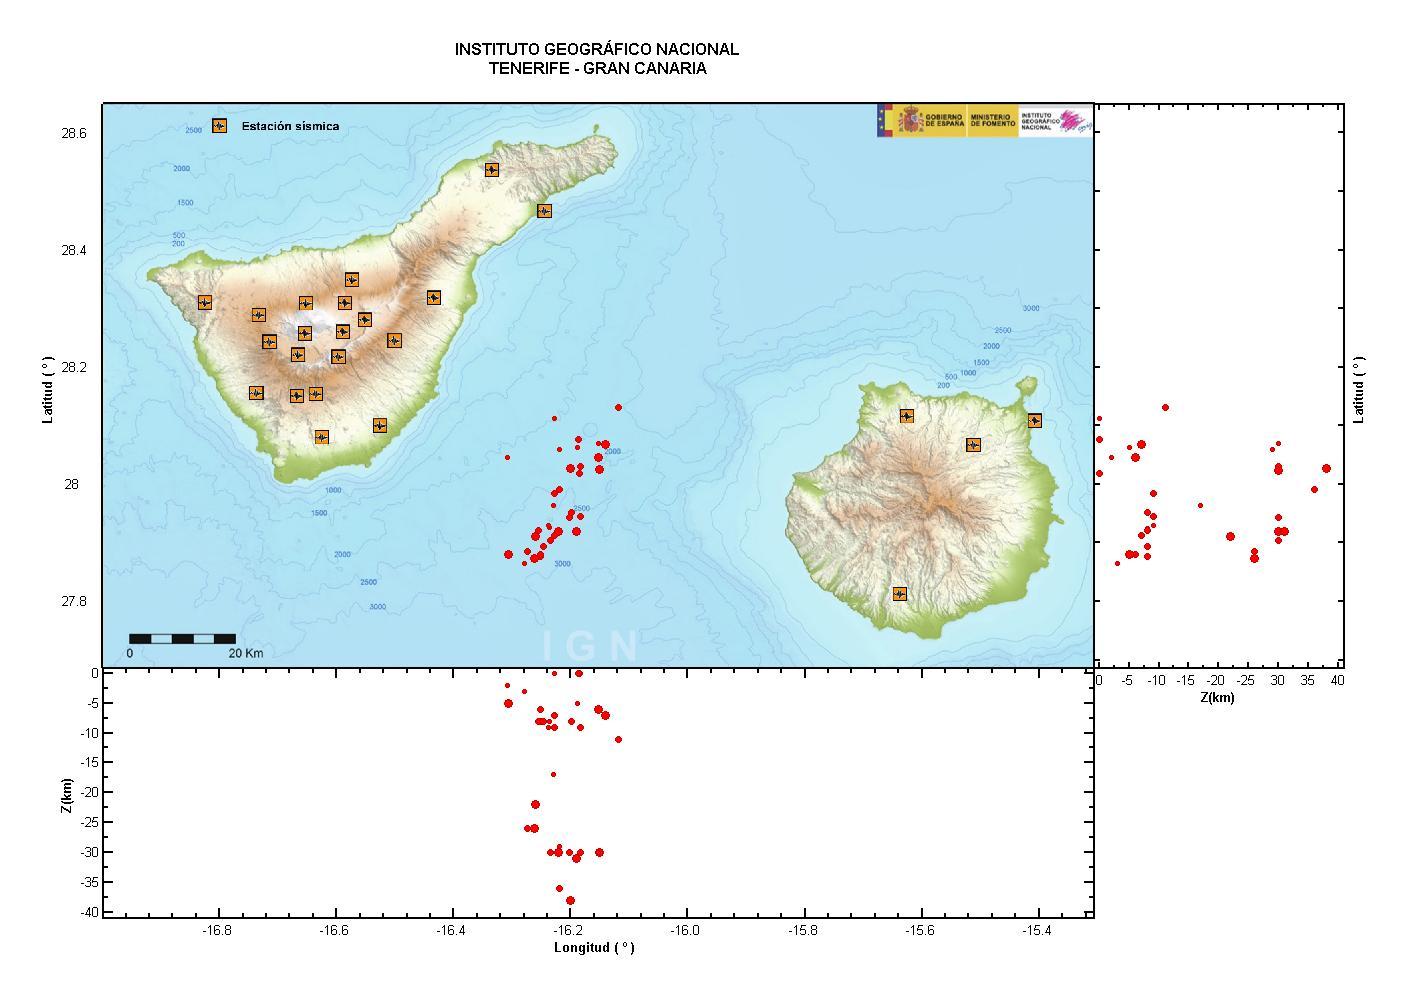 La isla de Tenerife y su famoso volcán, el Teide, han sido capturados por el satélite Prova-V